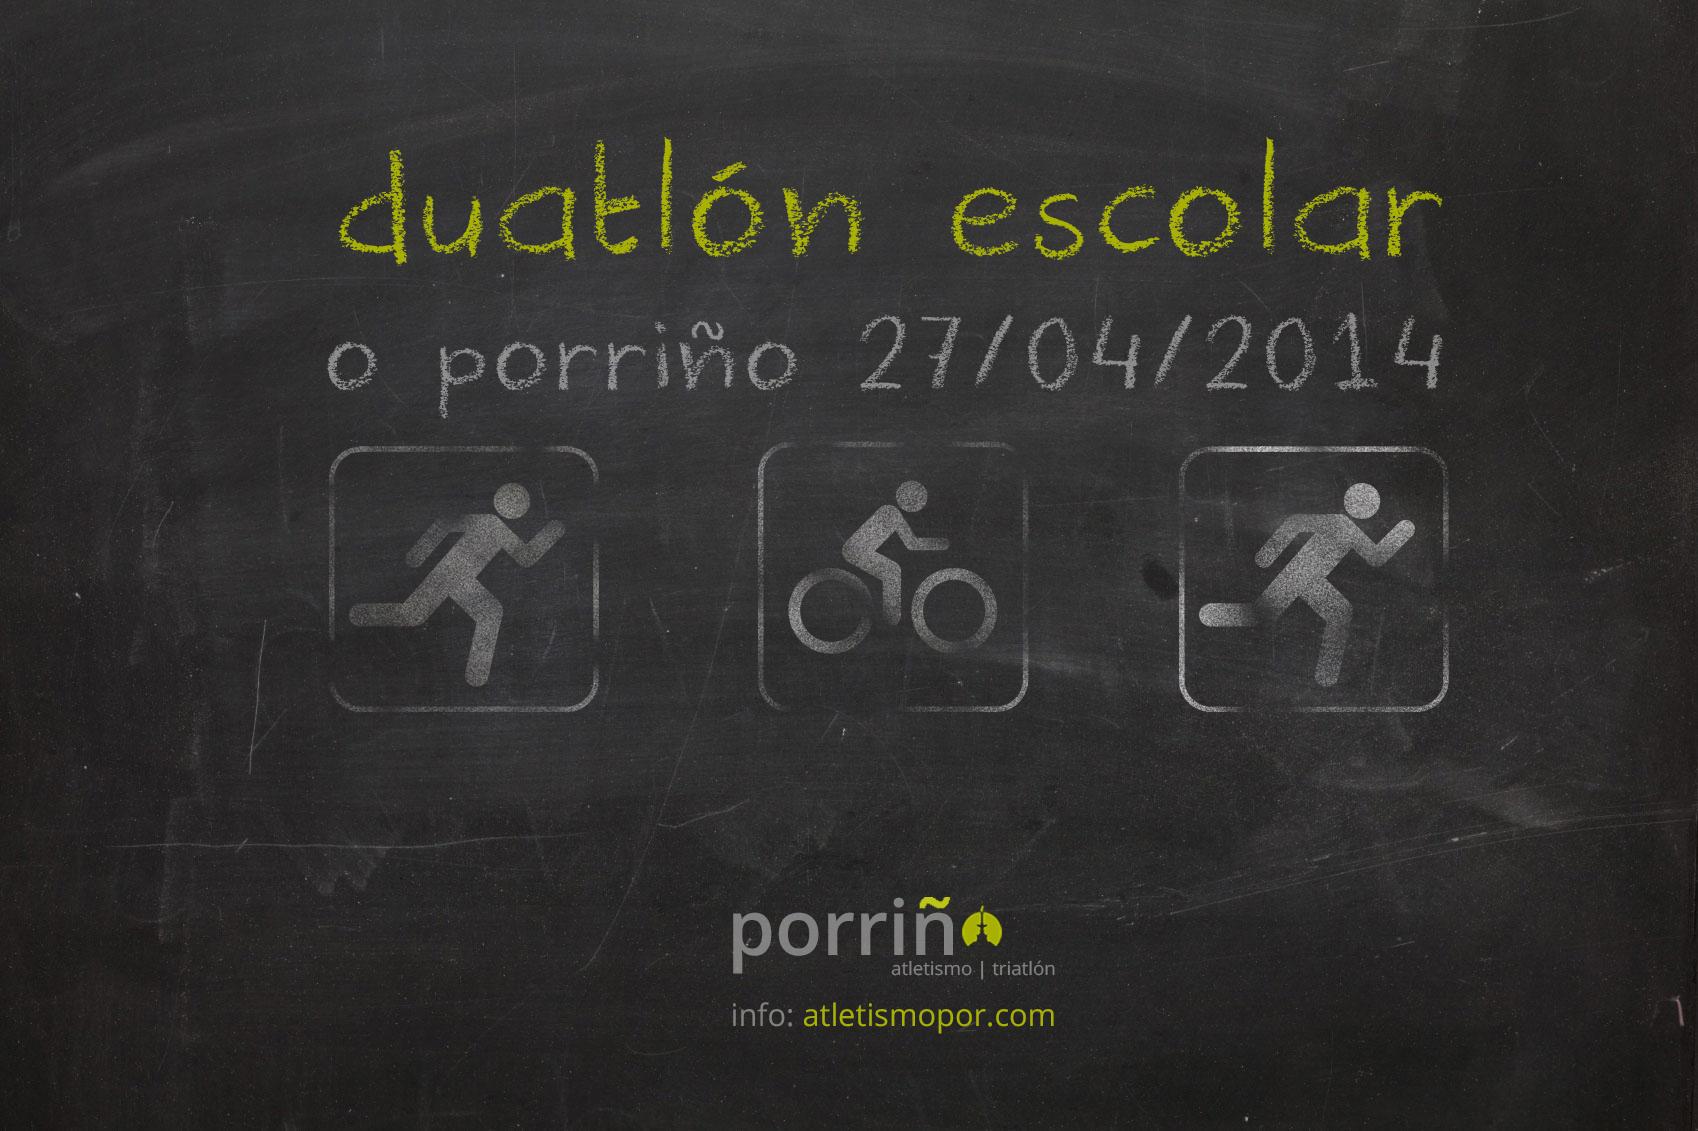 DUATLON